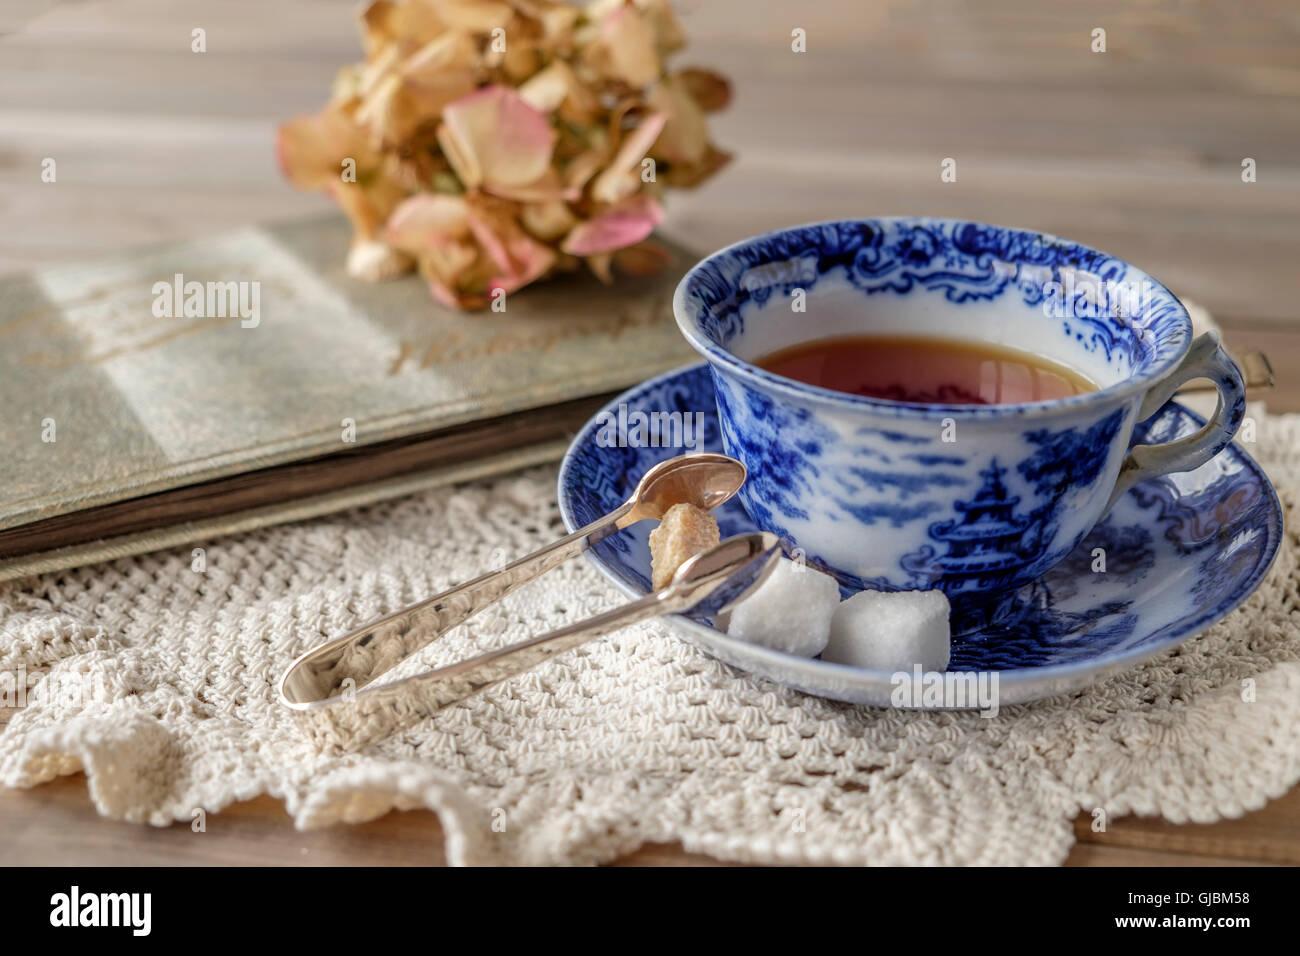 Escena nostálgica de té en la antigua china azul y blanca taza y plato con cubos de azúcar blanco Imagen De Stock